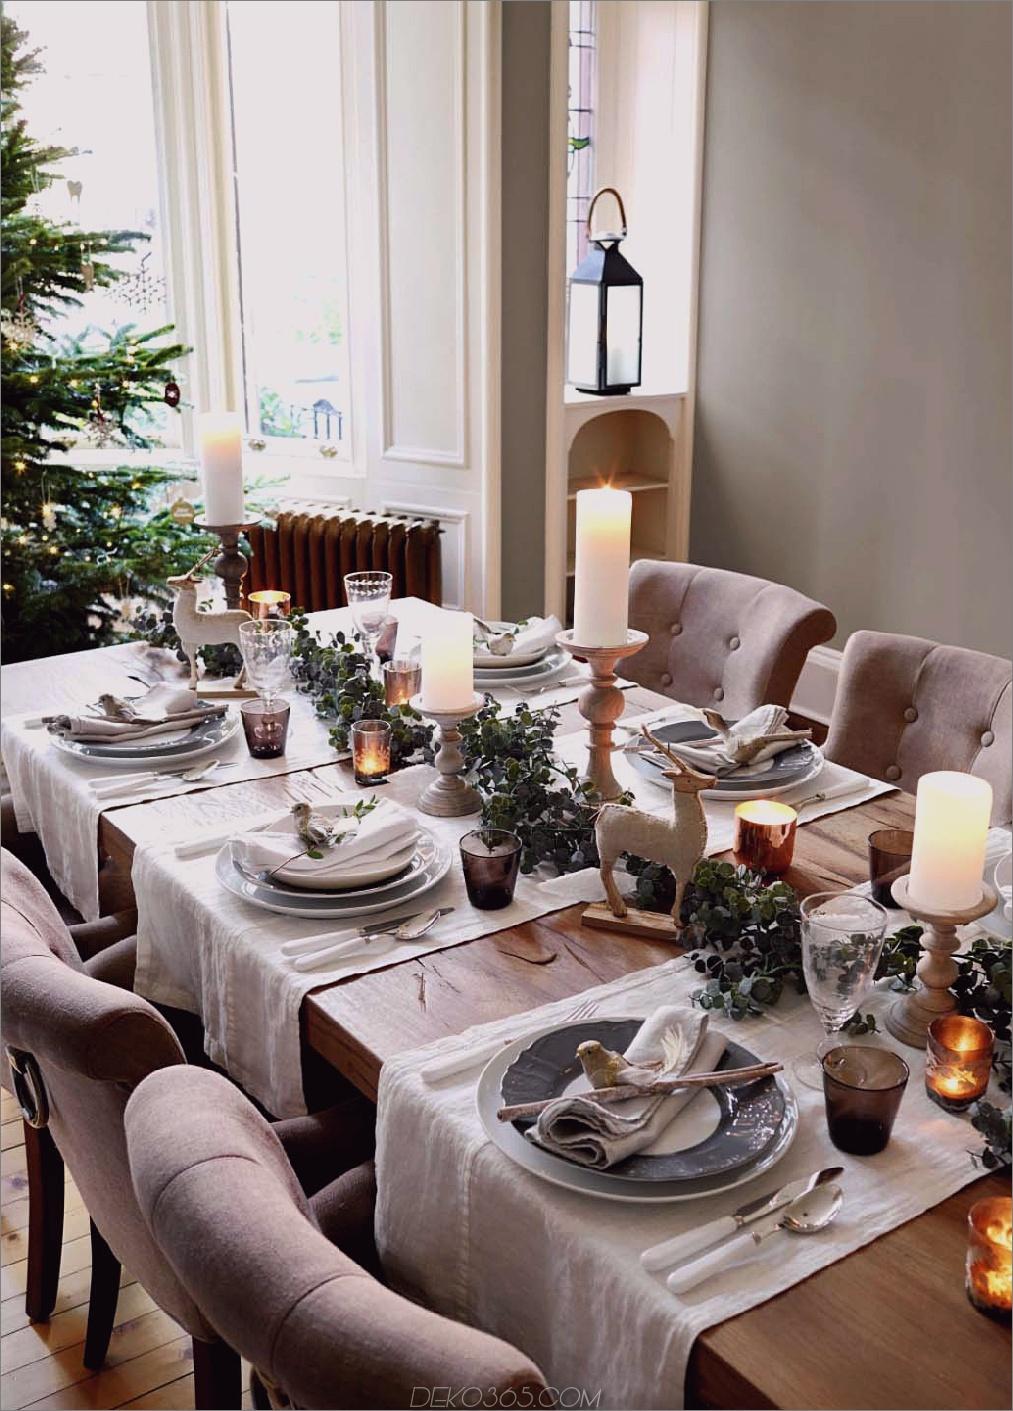 Girlande auf Tisch 11 Weihnachtsgirlanden, die absolut Ziele sind